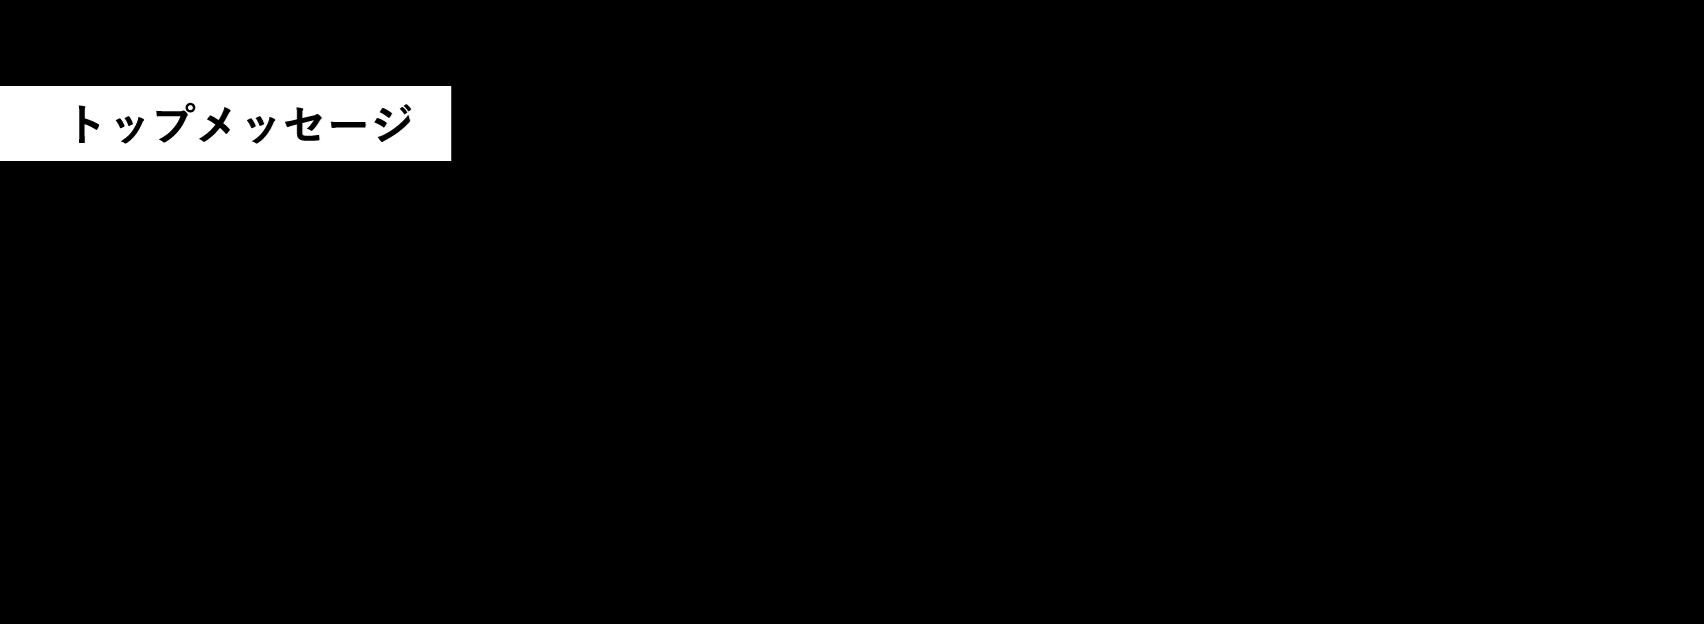 津田水産:トップメッセージ